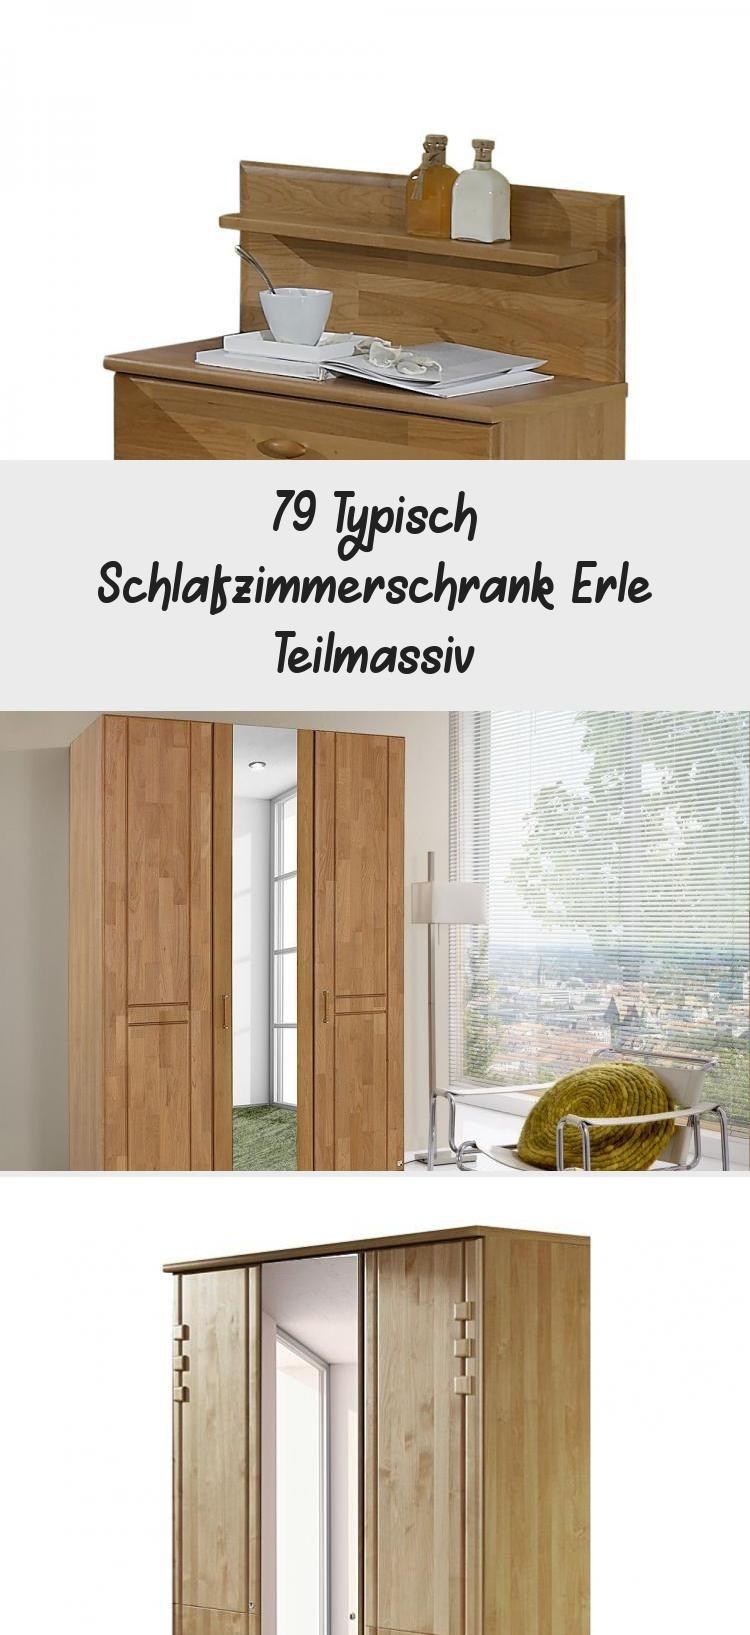 79 Typisch Schlafzimmerschrank Erle Teilmassiv Bathroom Medicine Cabinet Cabinet Home